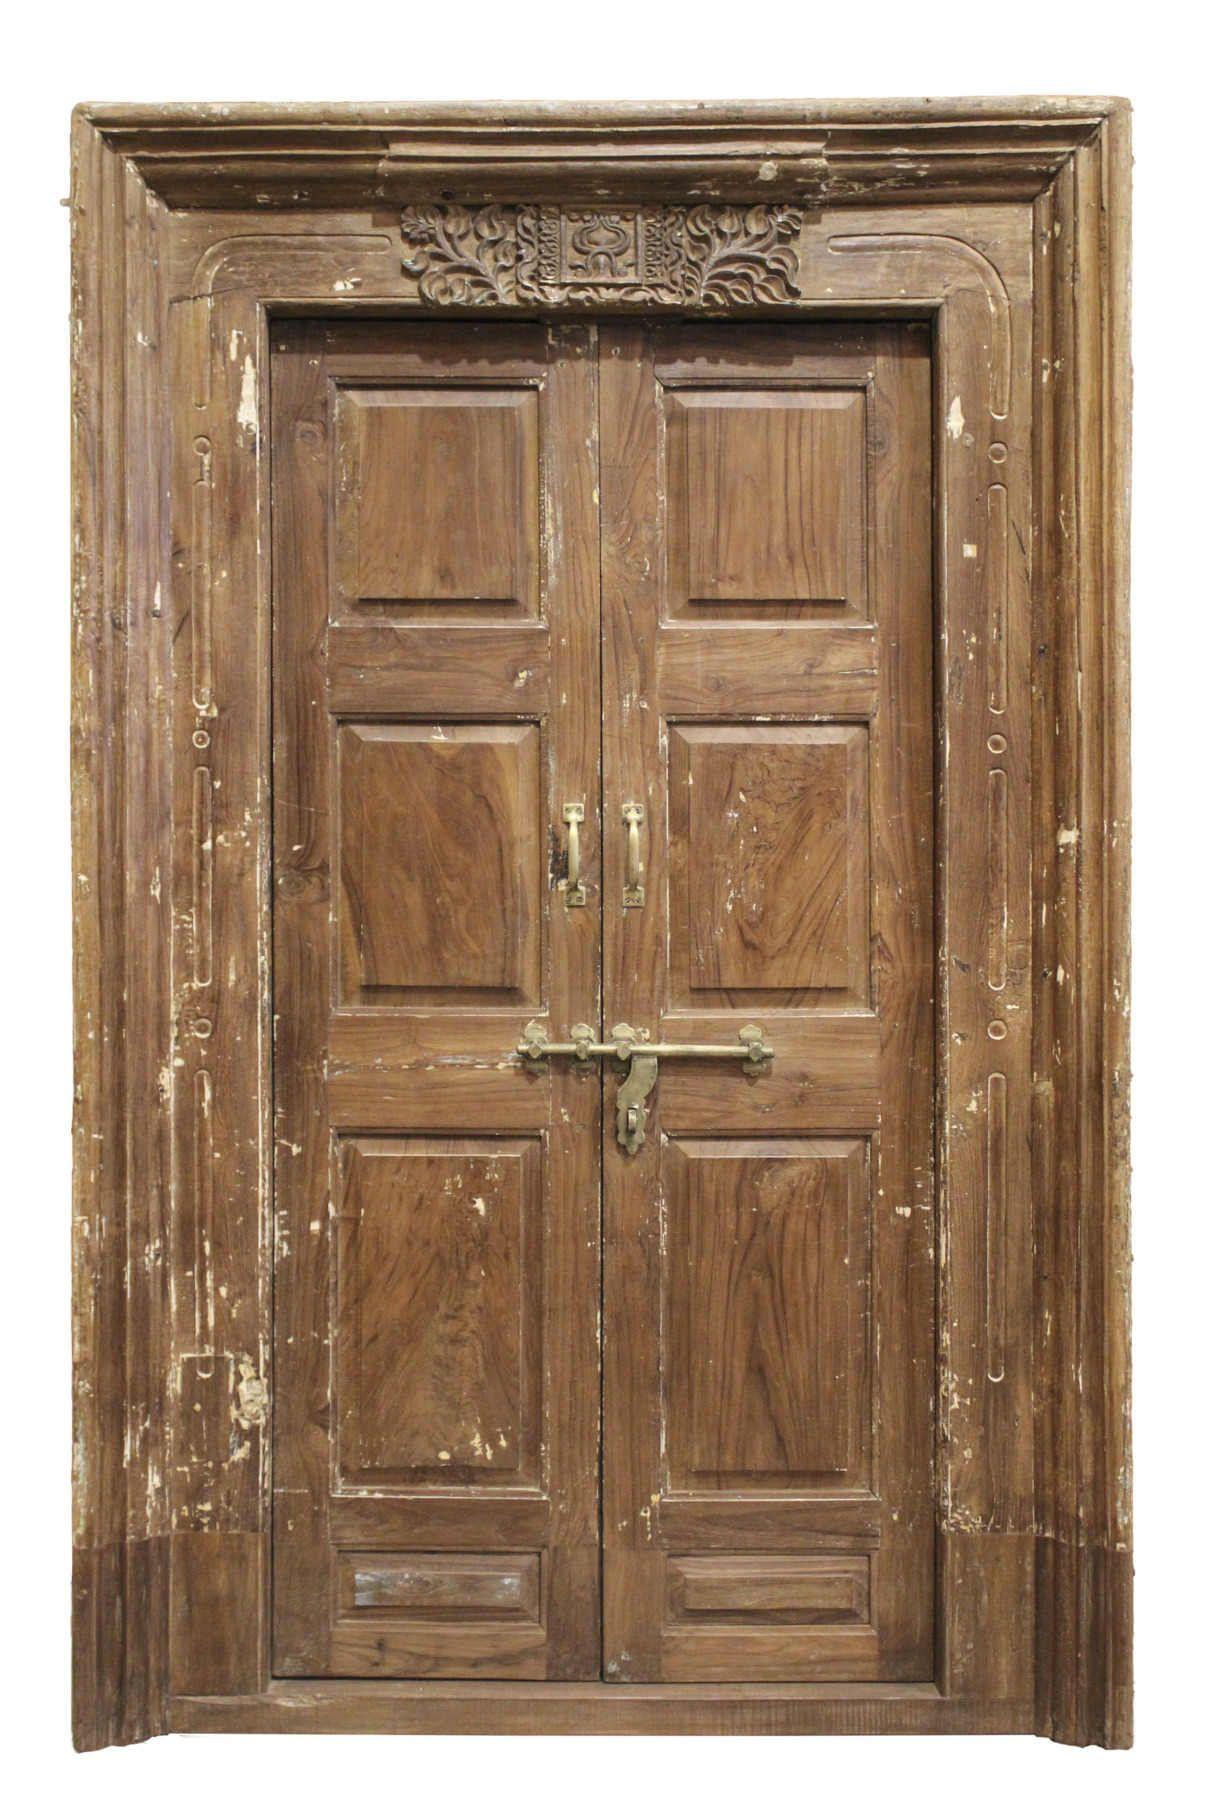 Puertas de madera antiguas interior y exterior puertas antiguas puertas puertas de madera - Puertas forja exterior ...